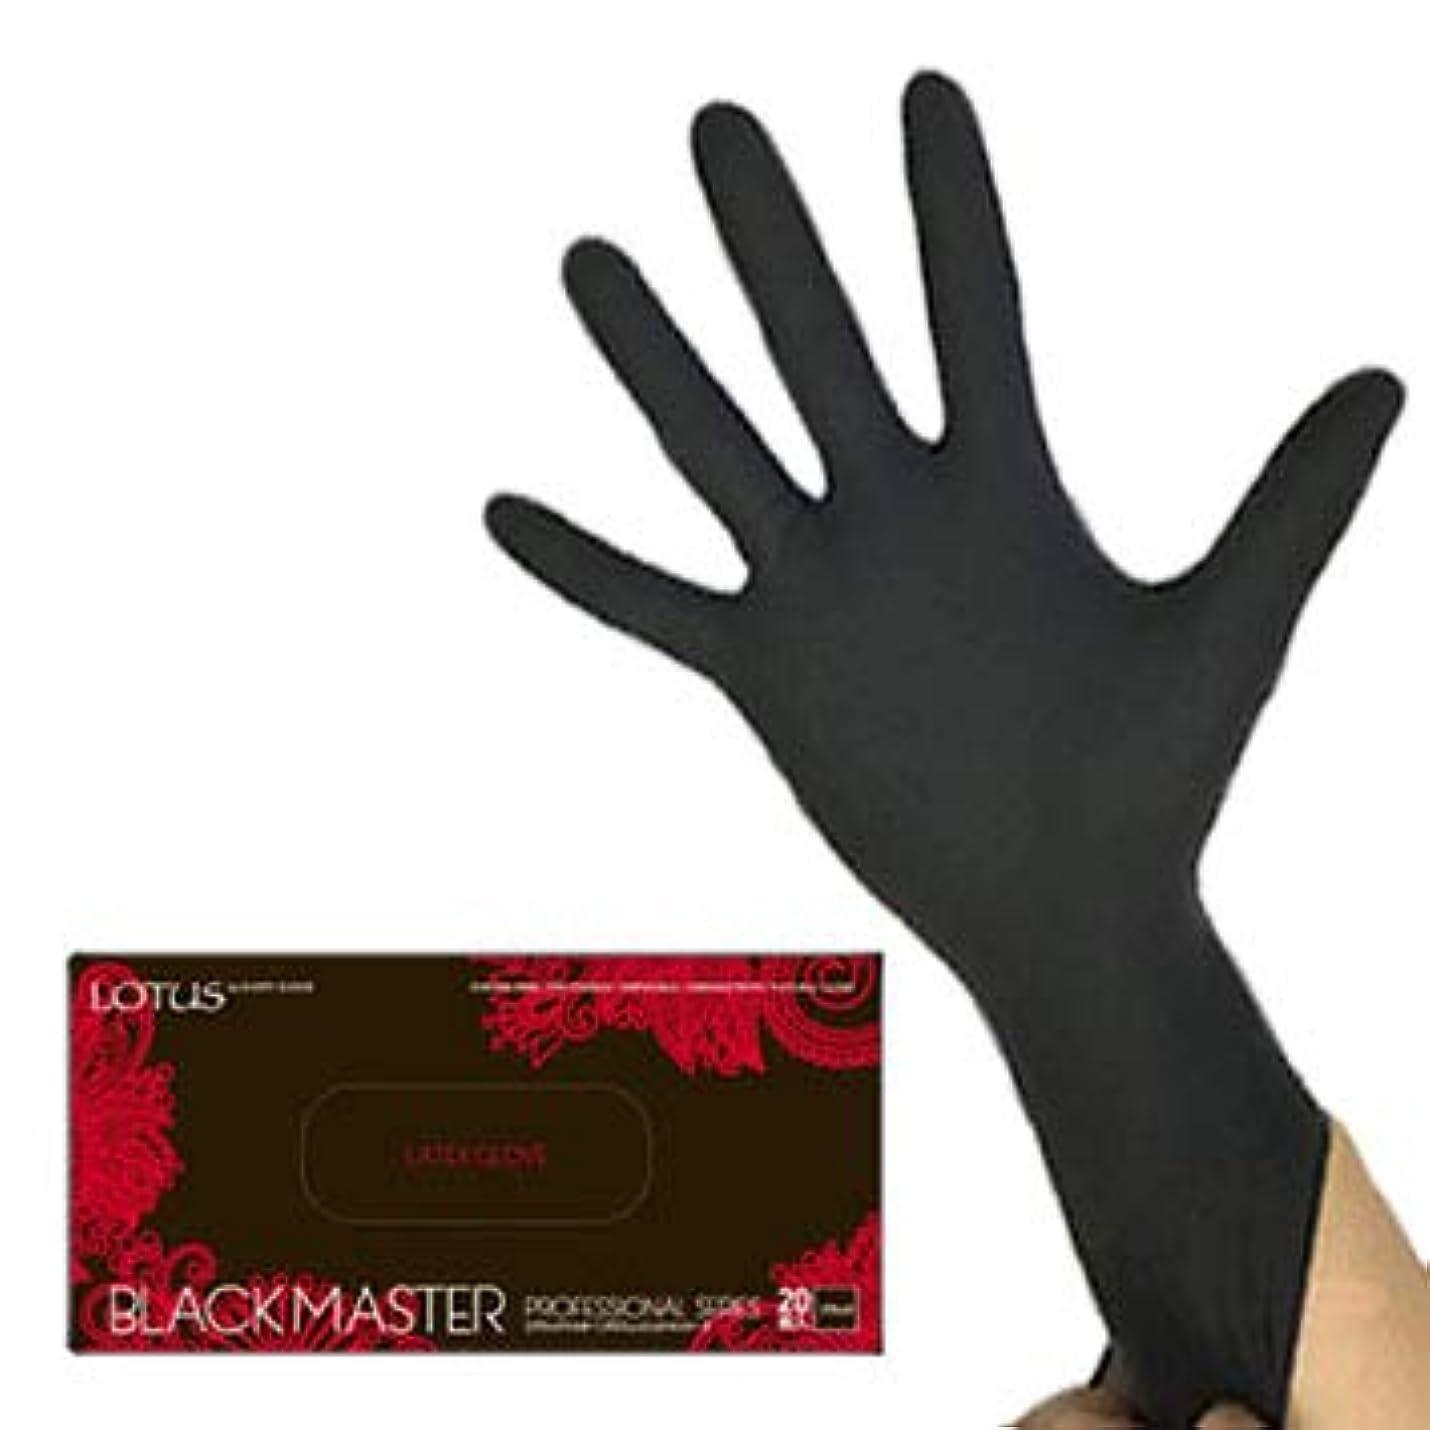 ネクタイ番目工場(ロータス)LOTUS ブラックマスターレッド (ラテックス グローブ ロングタイプ 29cm 厚手 左右兼用 20枚入)(S)